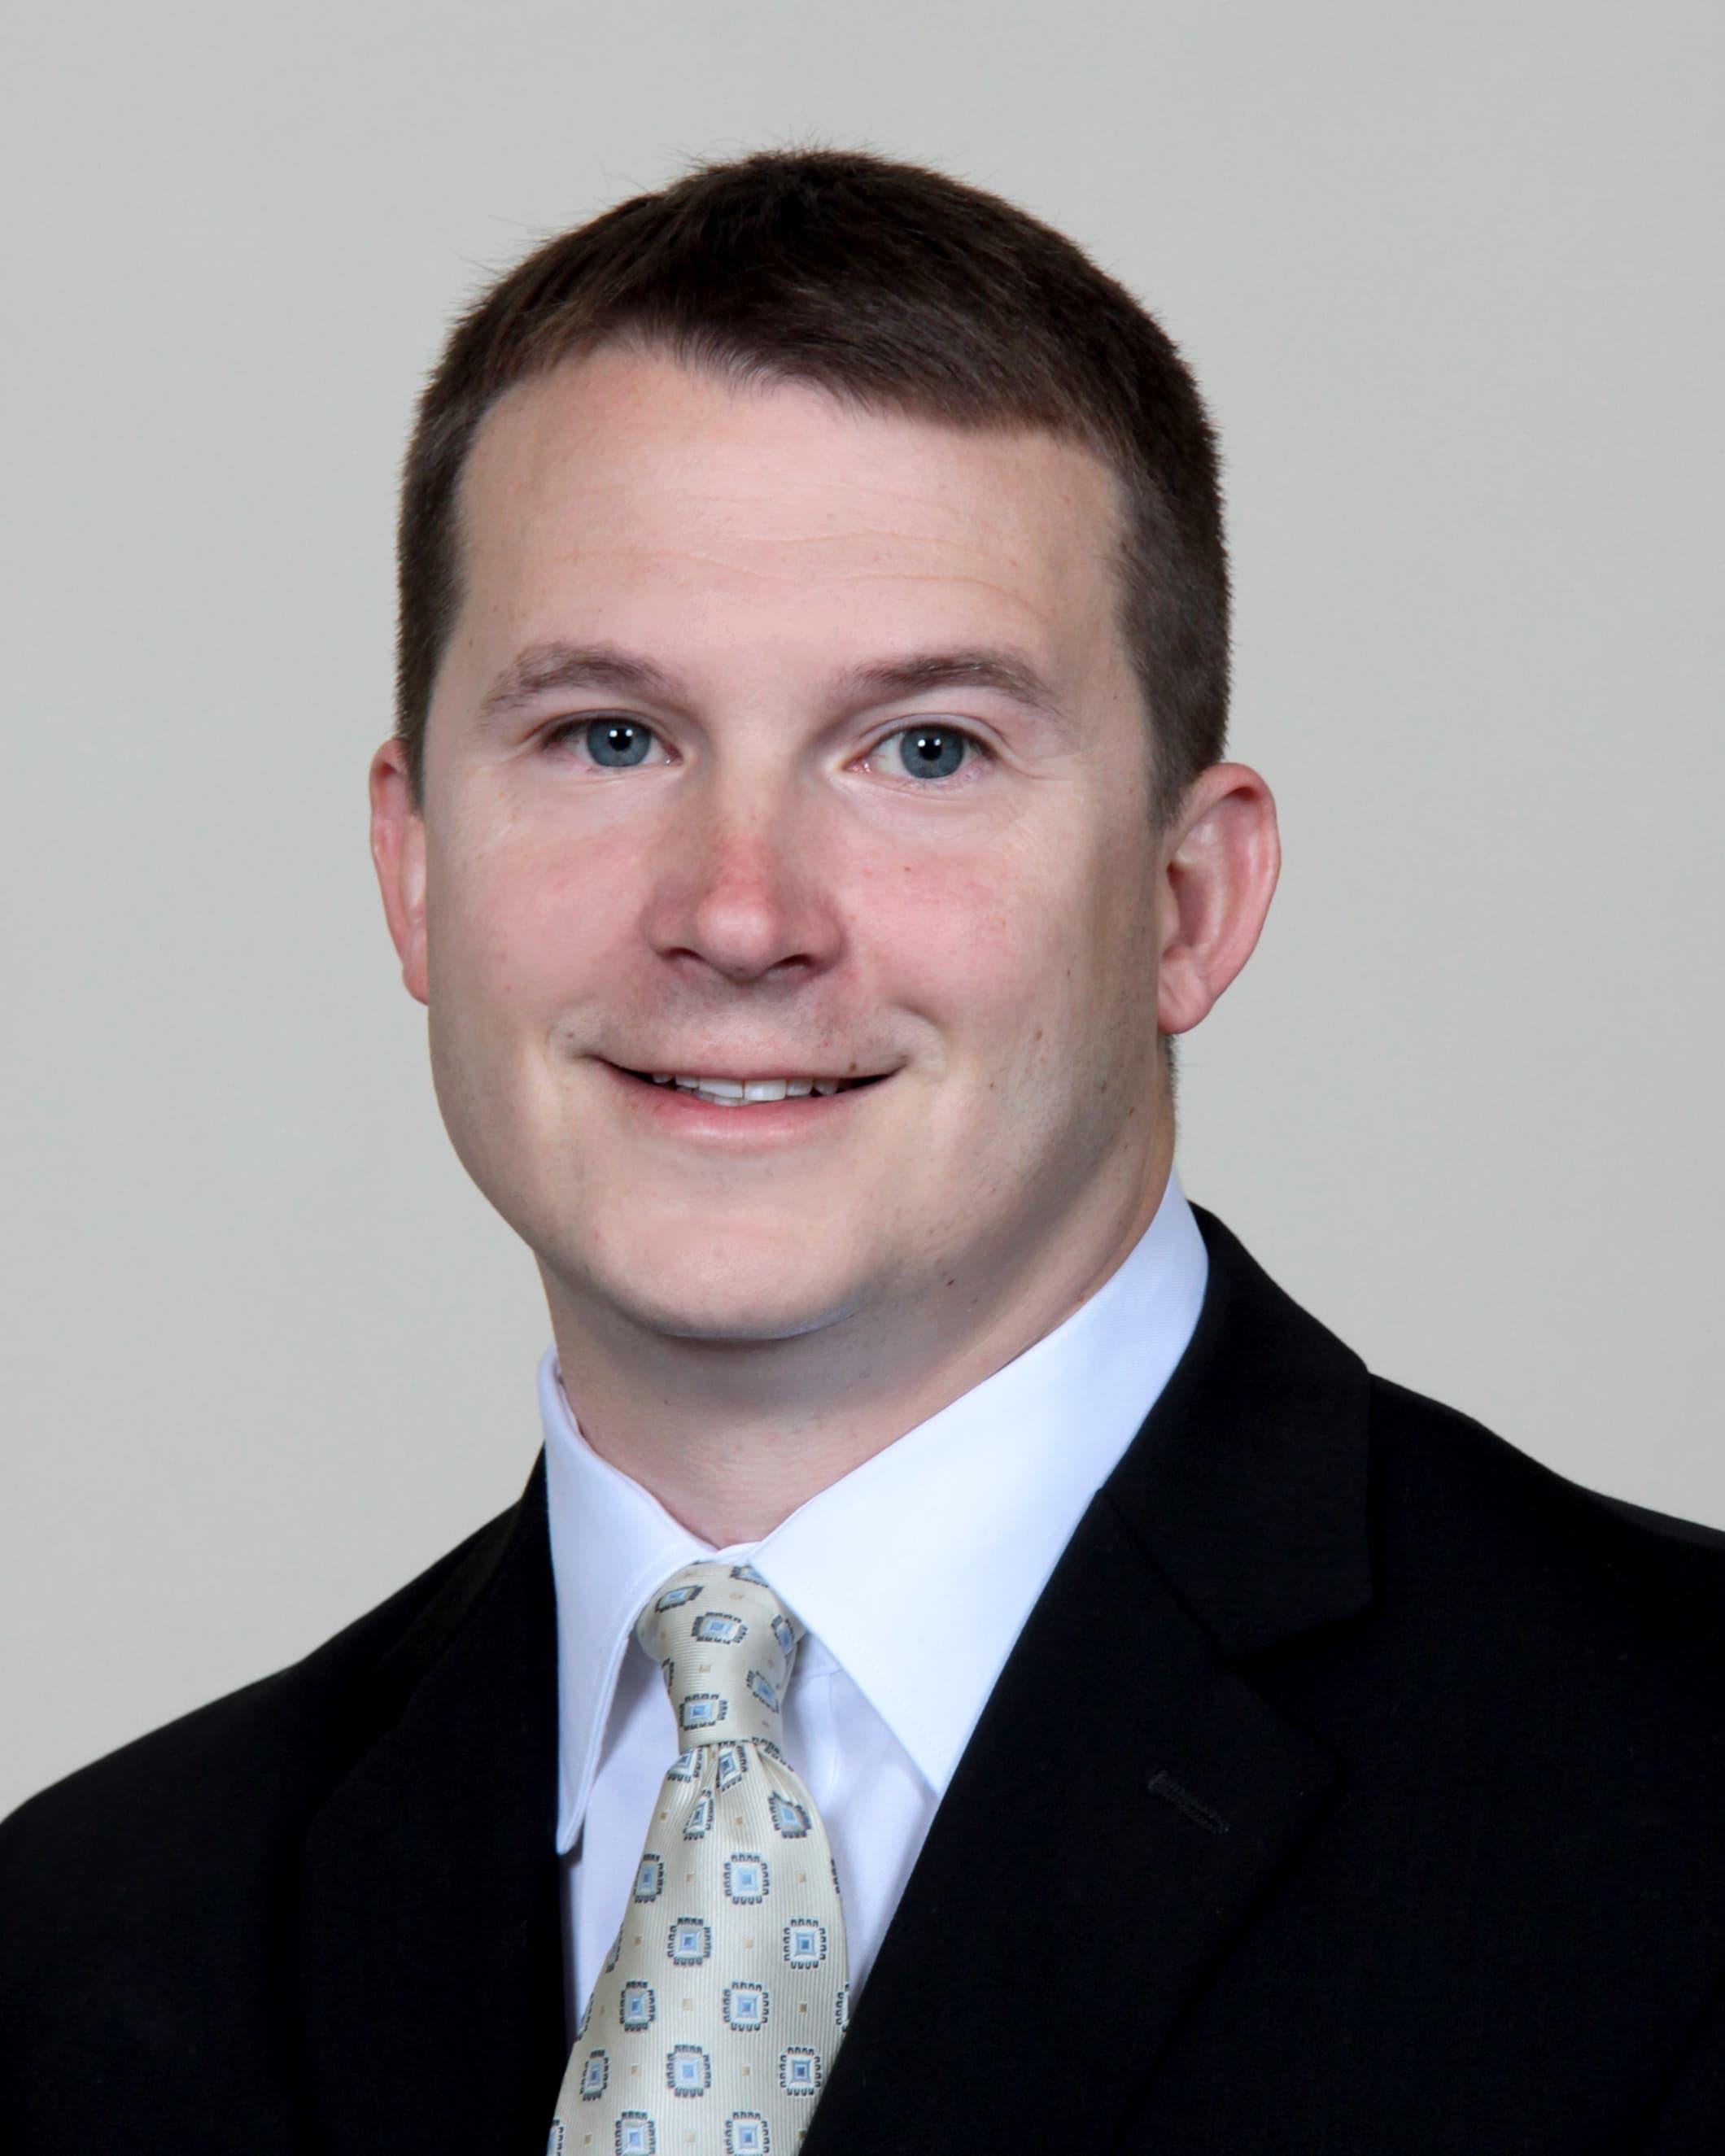 Matthew J. Mellon, MD, FACS